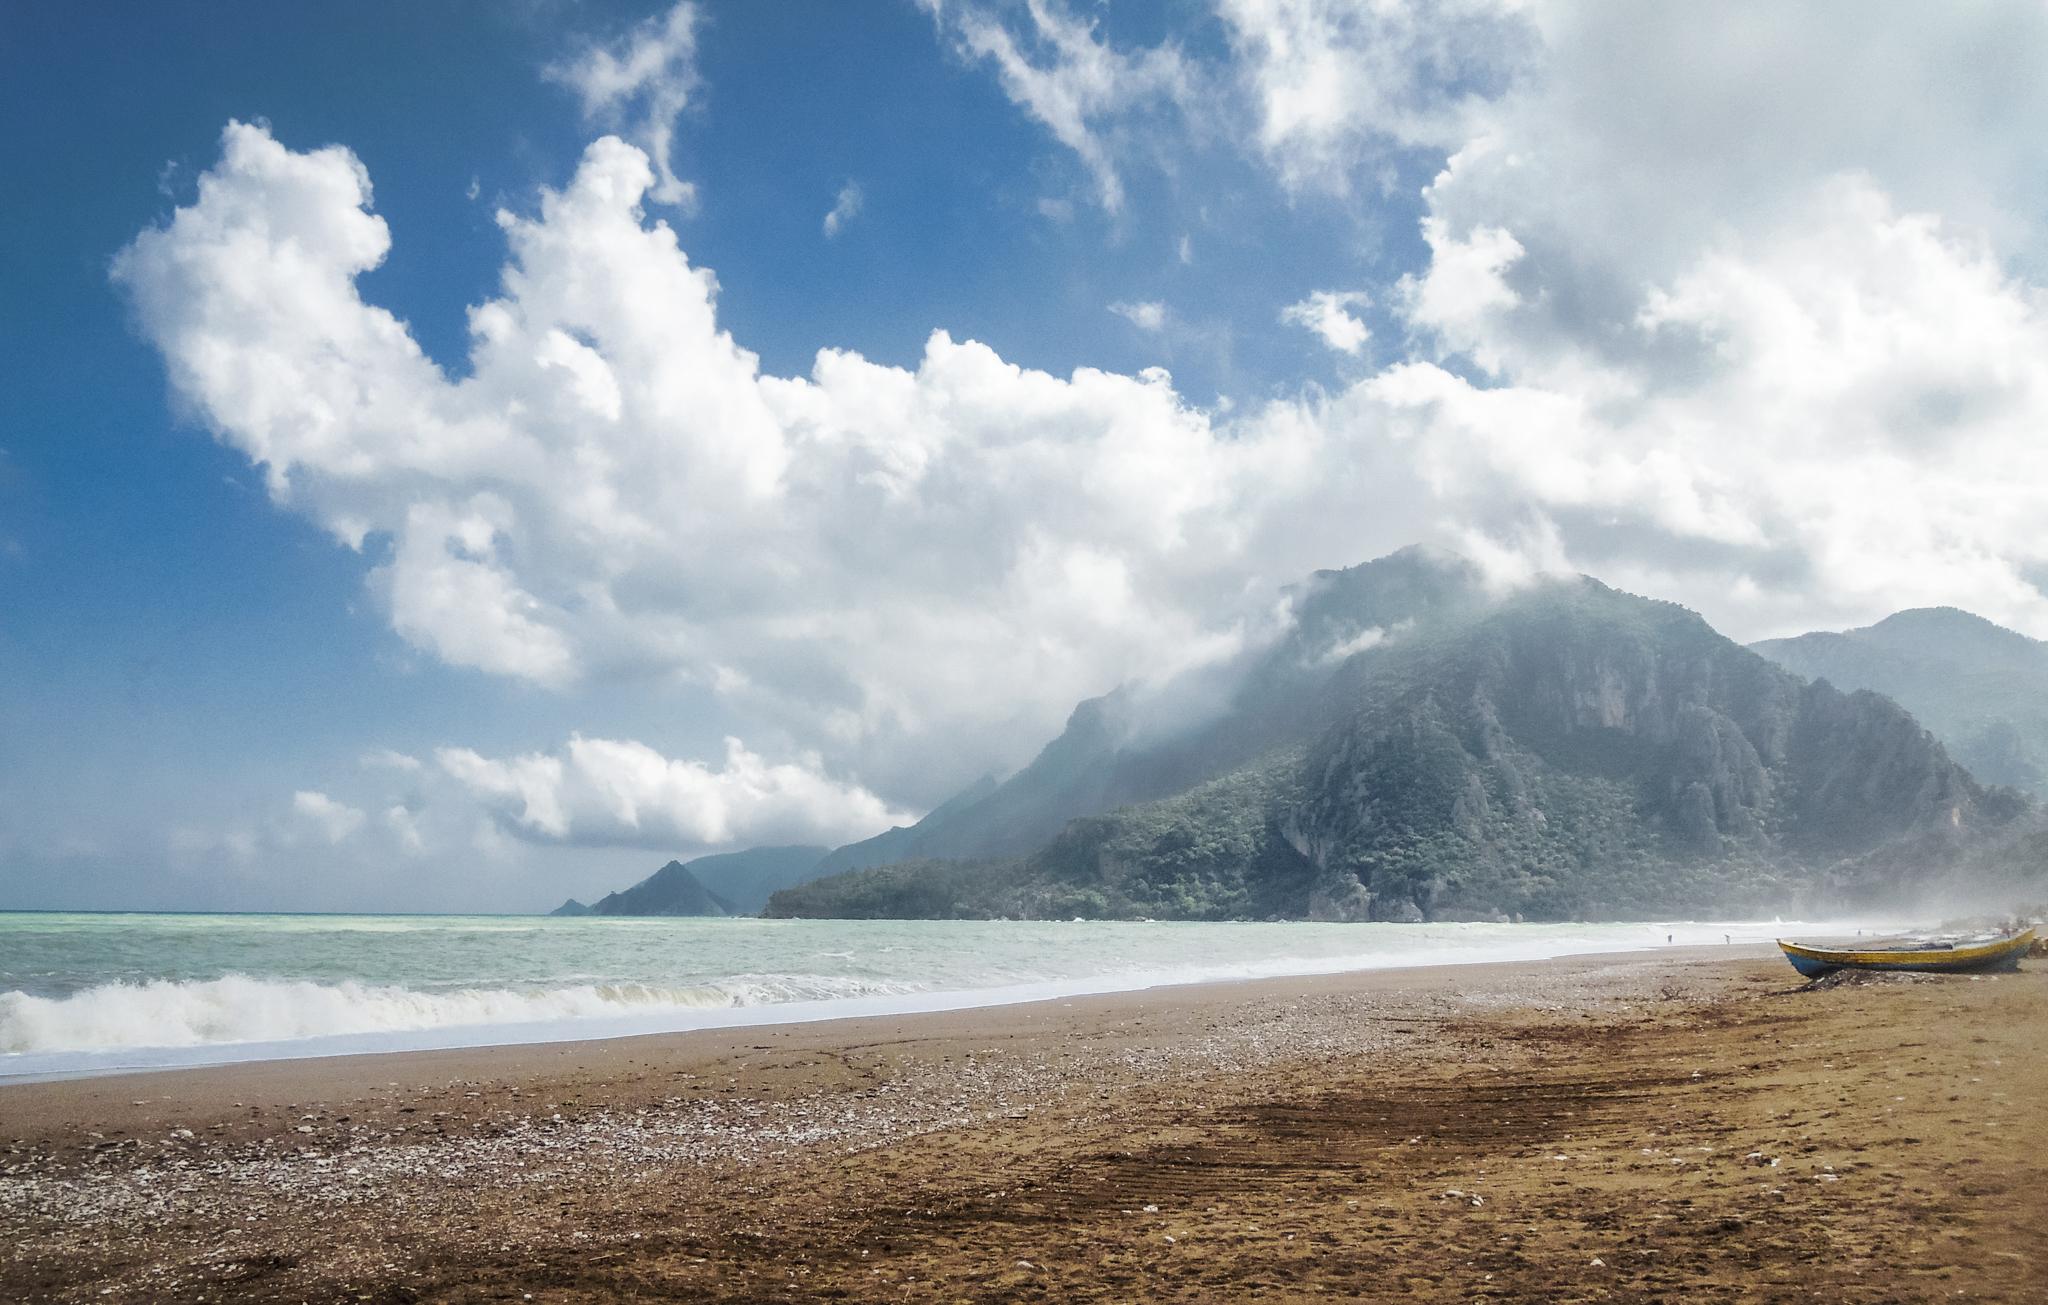 viena no skaistākajām neskartajām pludmalēm – Çıralı (foto)